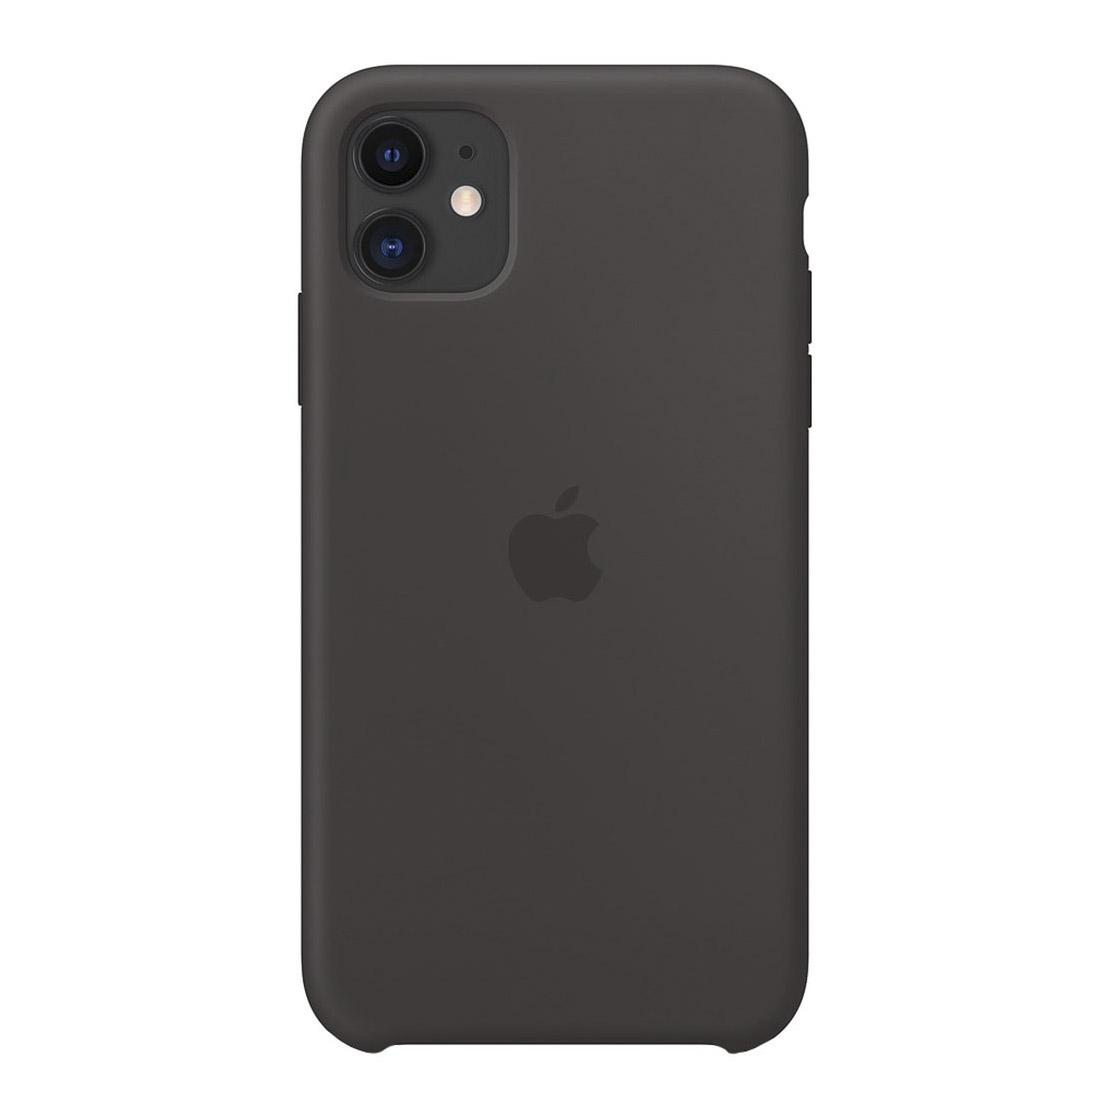 Чехол для смартфона Apple iPhone 11 Silicone Case, черный фото